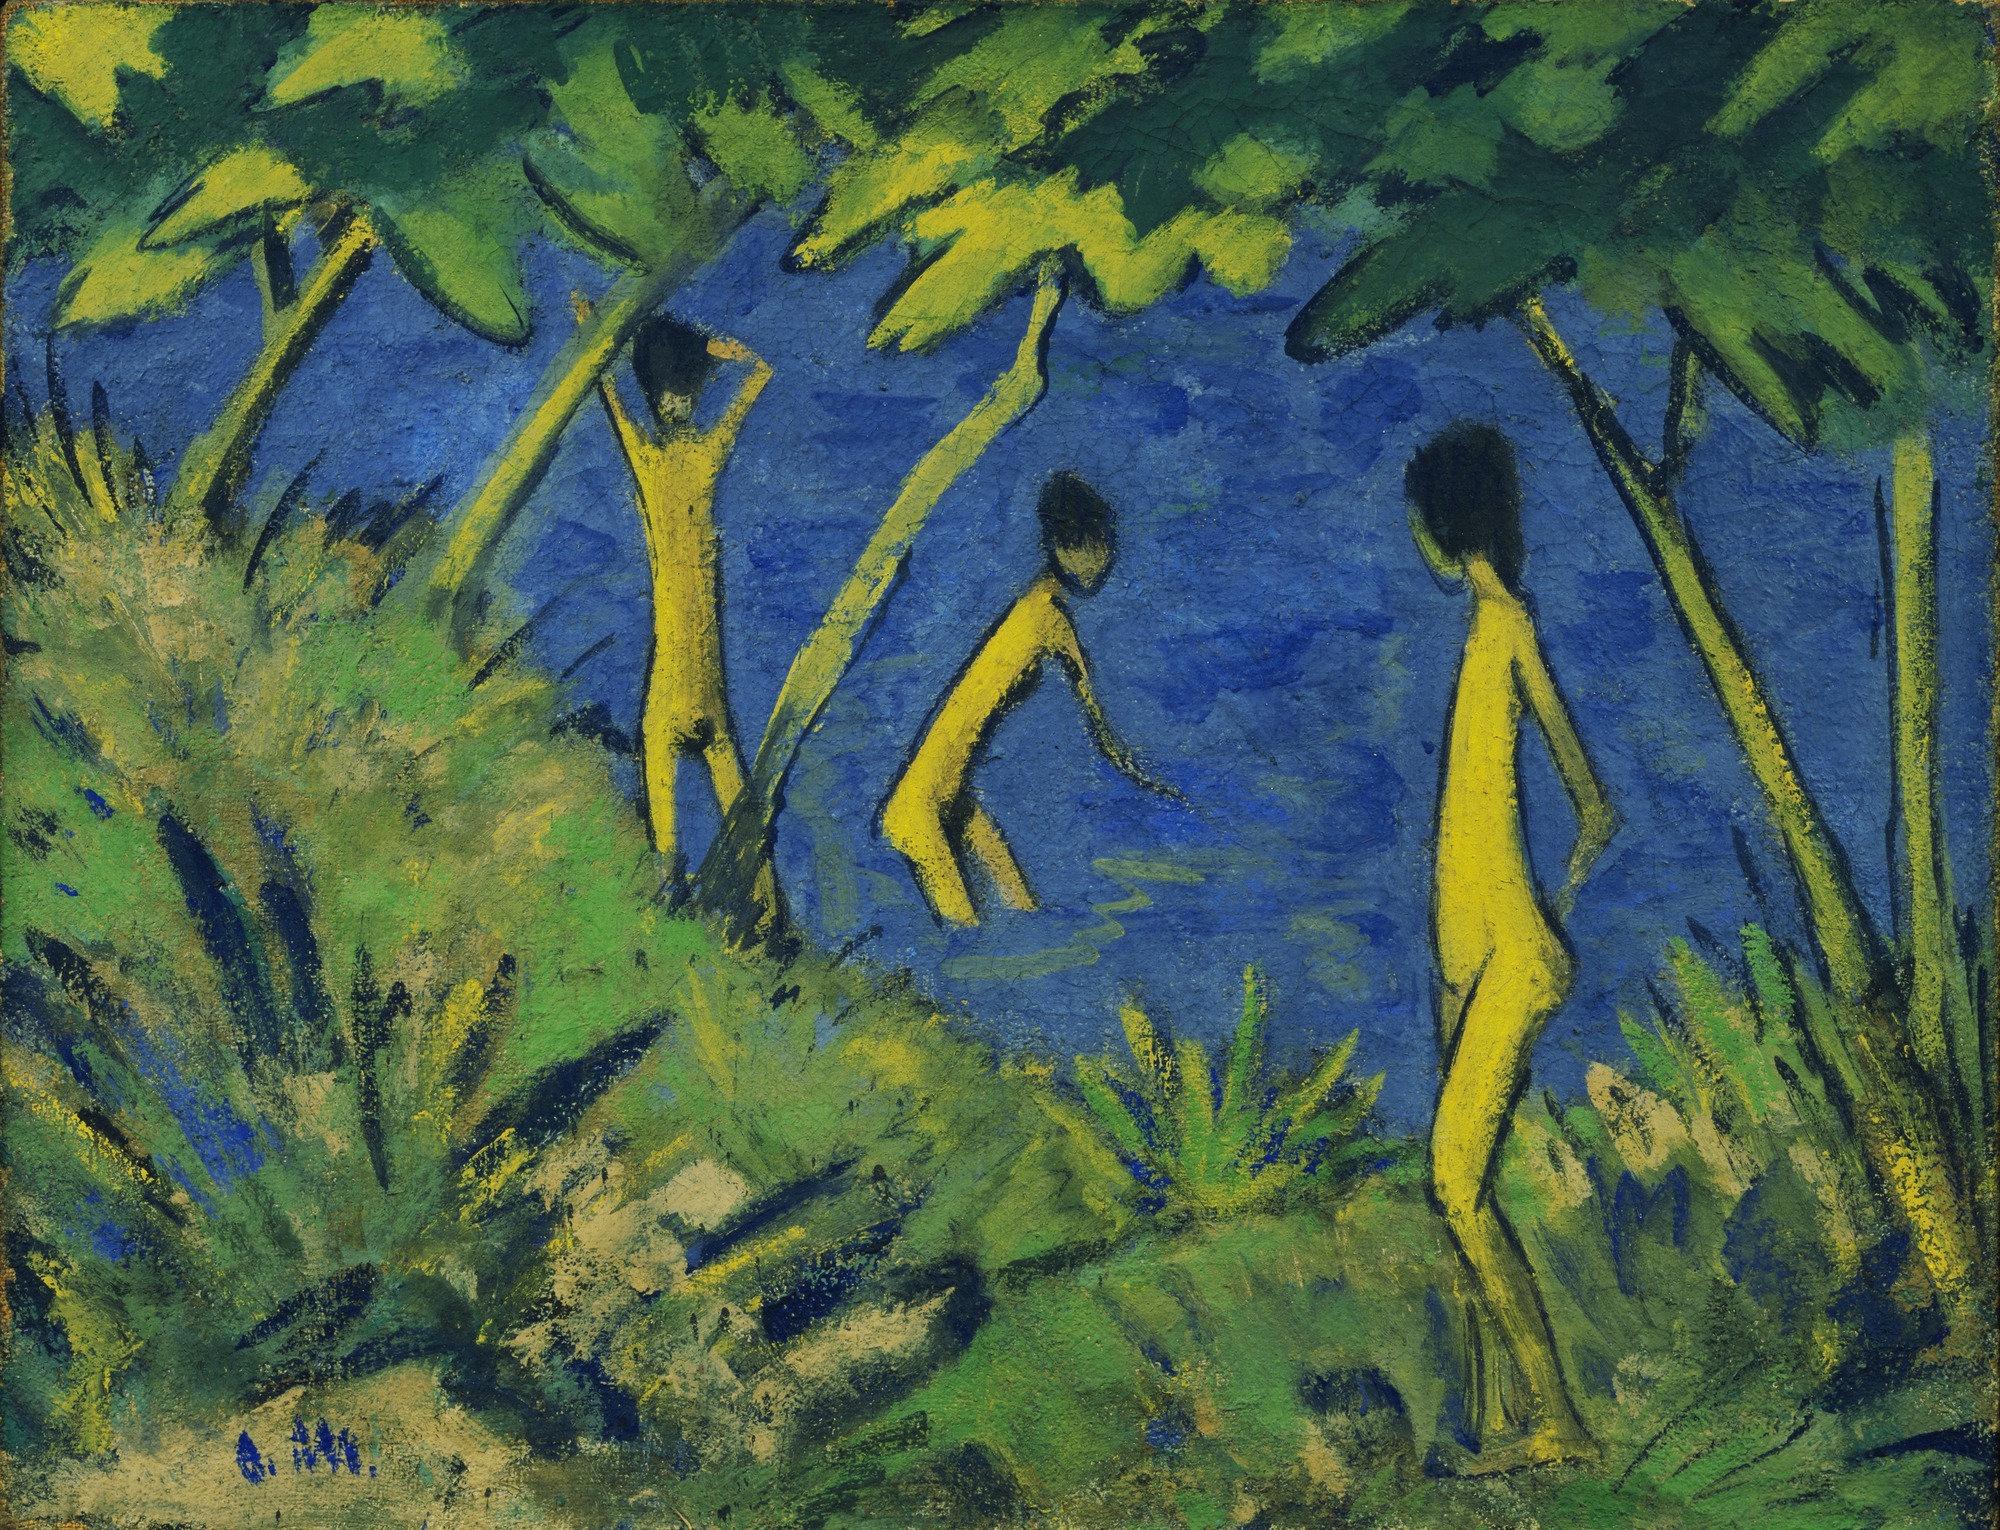 Otto Mueller, Landscape with Yellow Nudes (Landschaft Mit Gelben Akten),